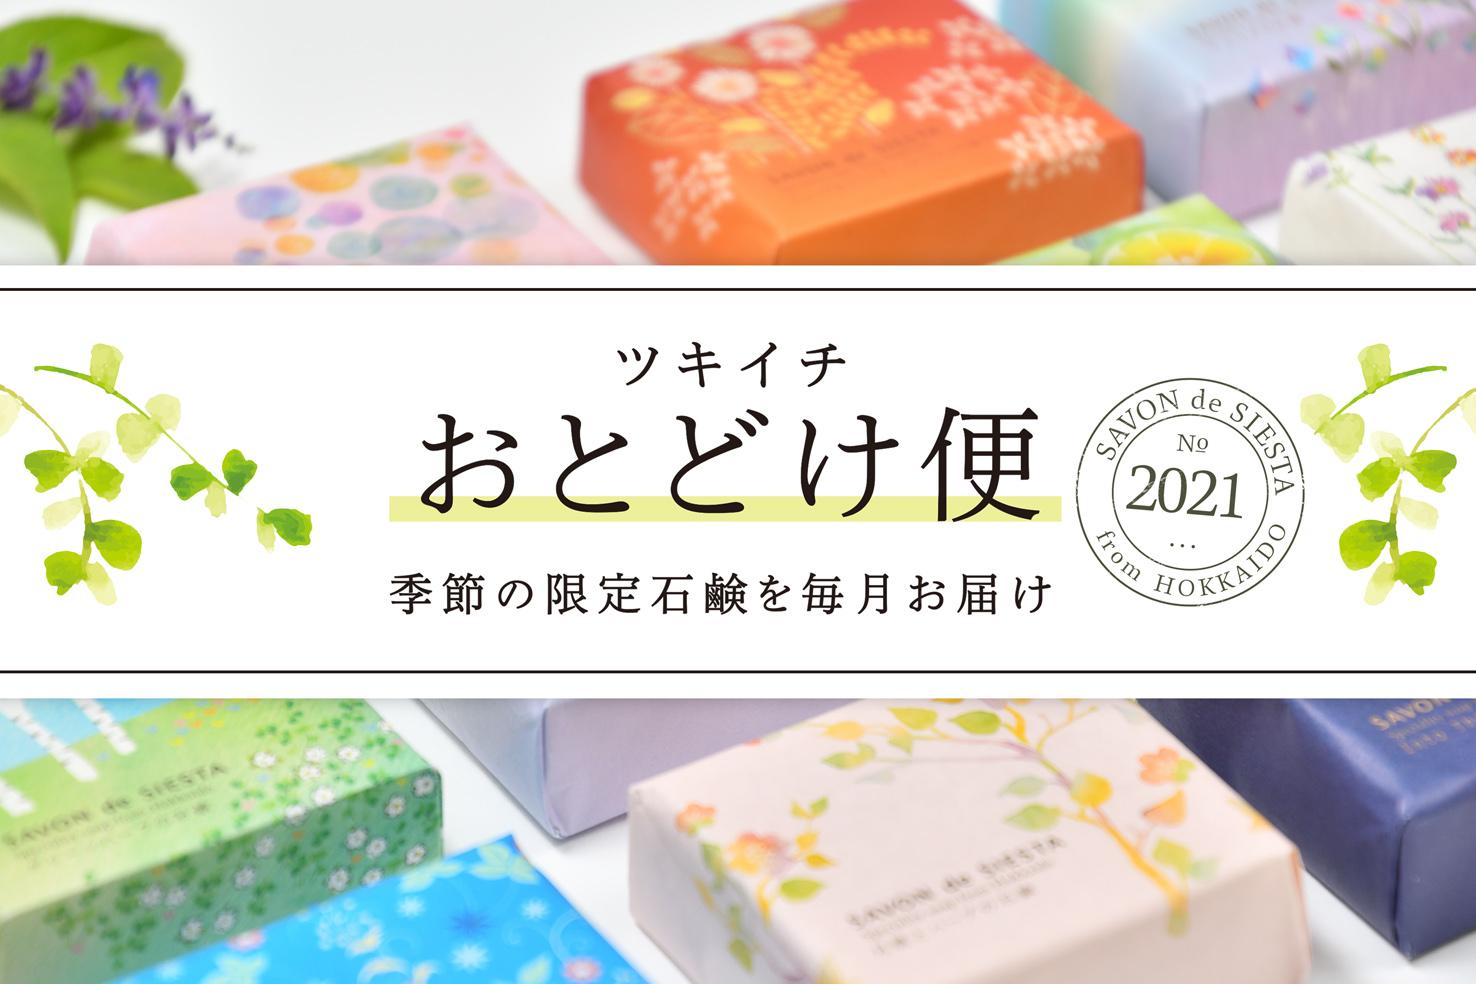 【定期便】ツキイチ おとどけ便 2021